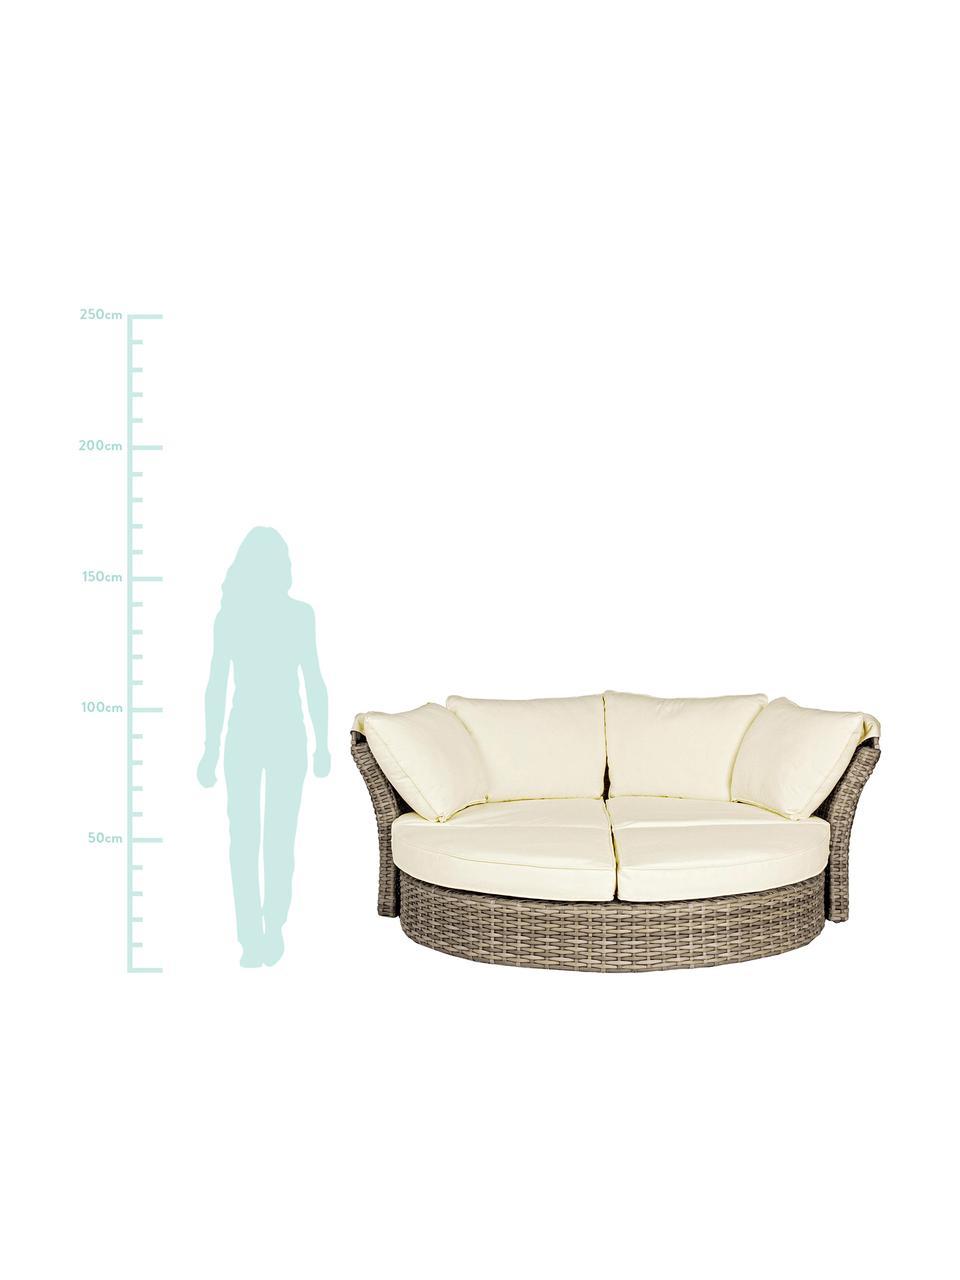 Sofa ogrodowa Lesly, Stelaż: aluminium malowane proszk, Beżowy, taupe w odcieniu zieleni, S 200 x W 168 cm